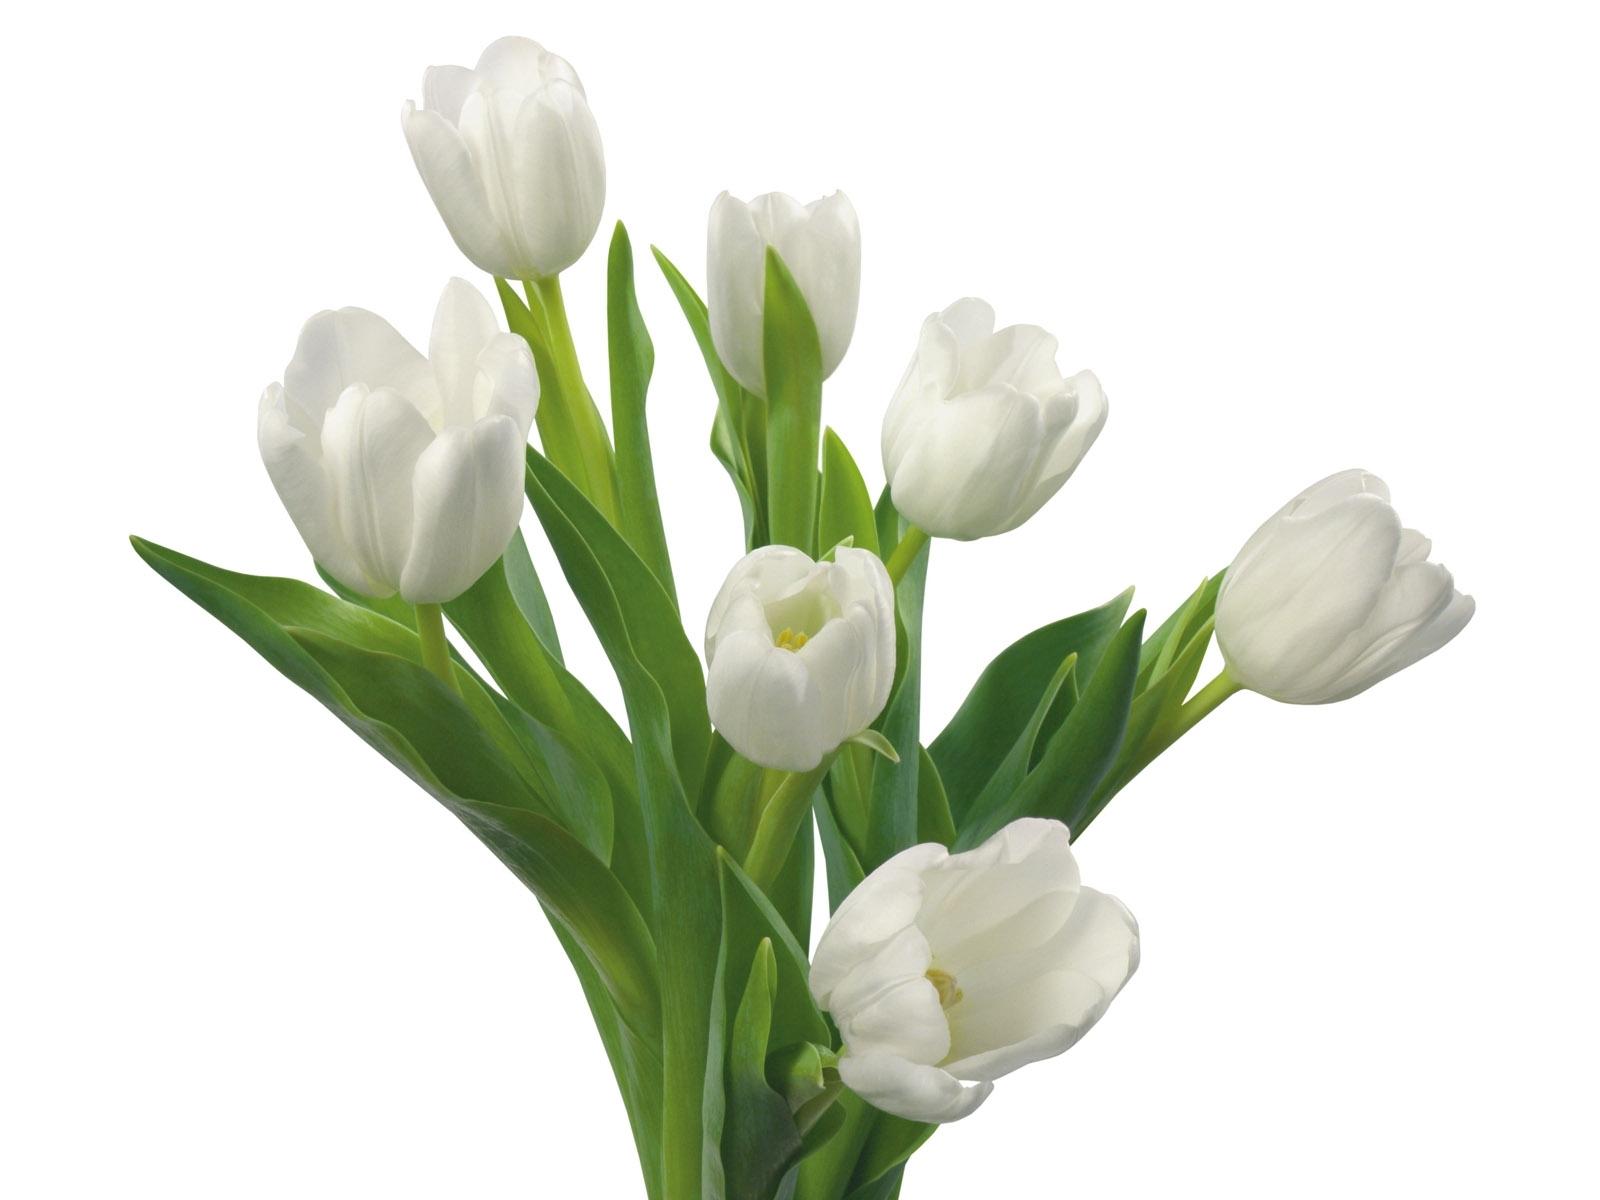 8041 скачать обои Растения, Цветы, Тюльпаны - заставки и картинки бесплатно